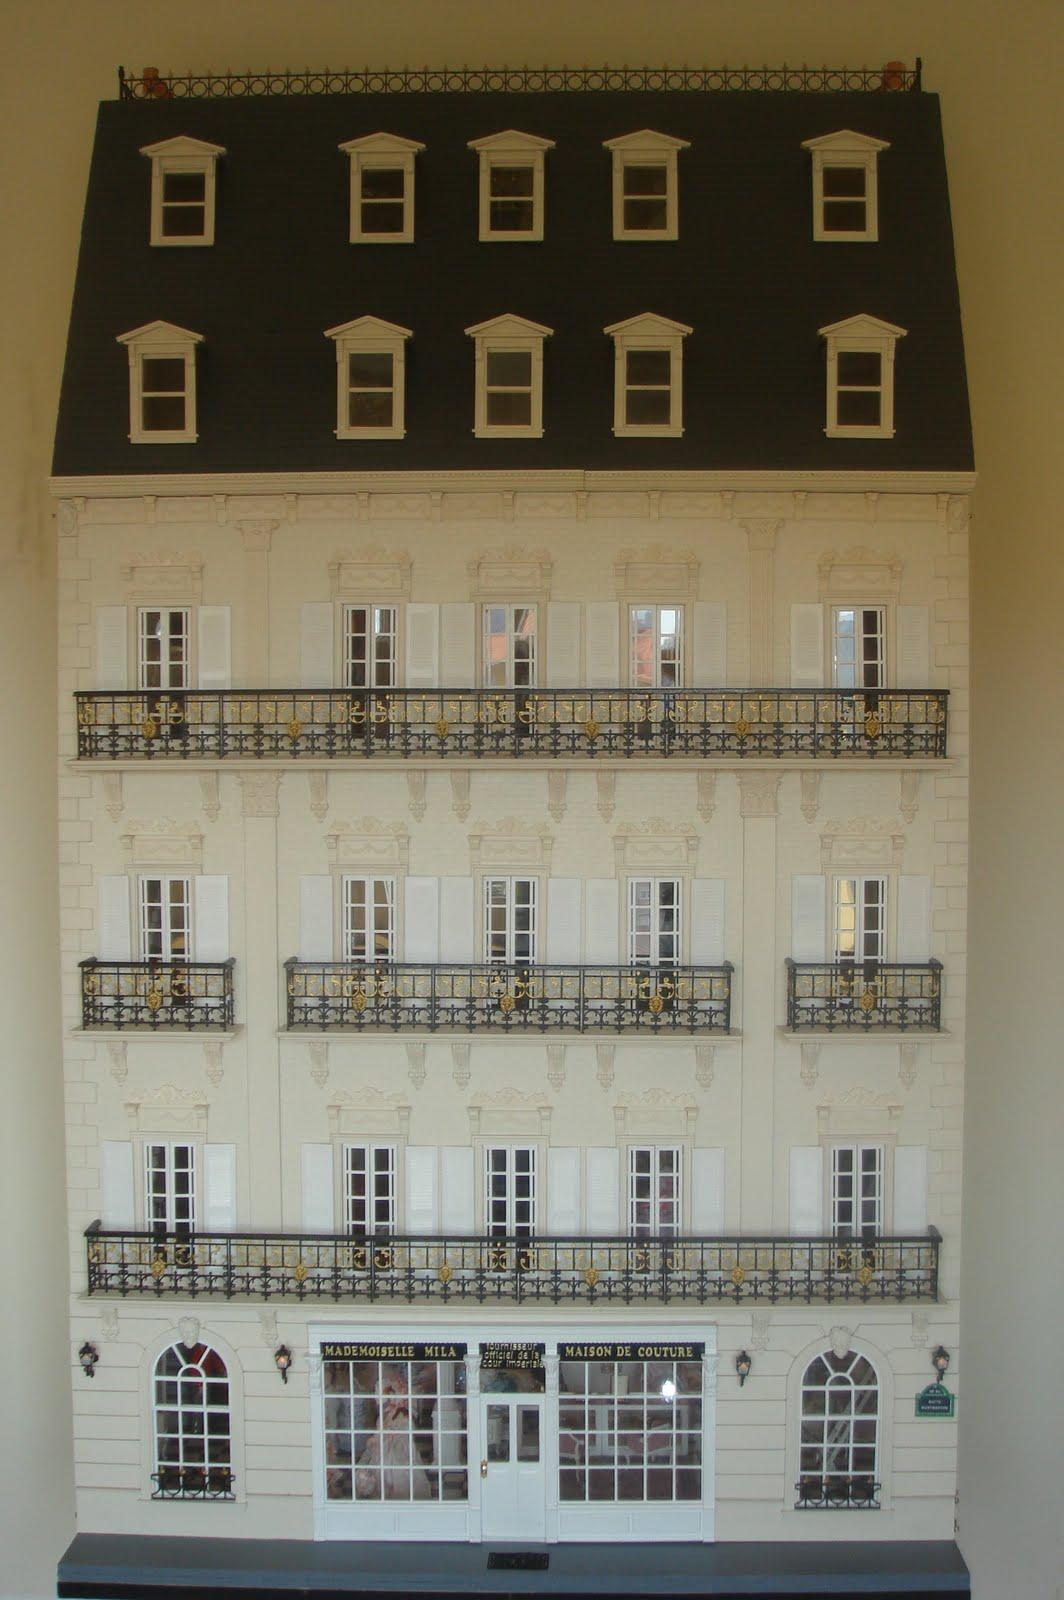 Las minis de belen maison de couture 1867 for Ayzel maison de couture